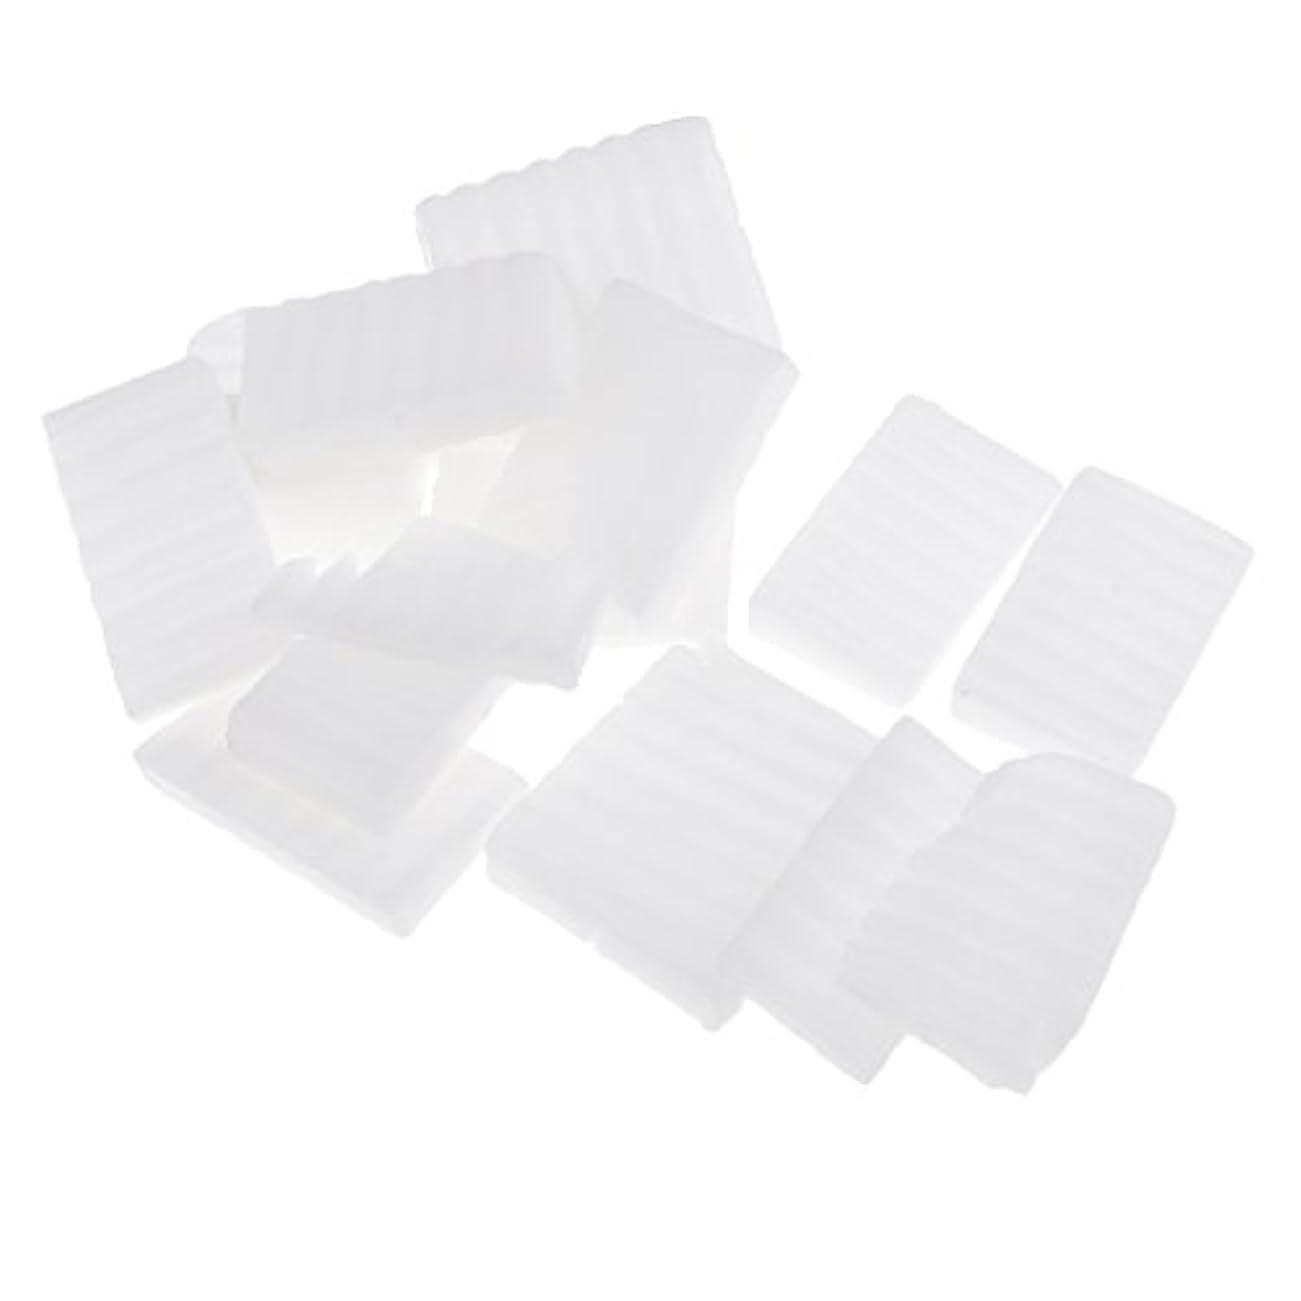 ロバ生息地二十Perfk 白い 石鹸ベース DIY 手作り 石鹸 材料 約500g 手作り 石鹸のため